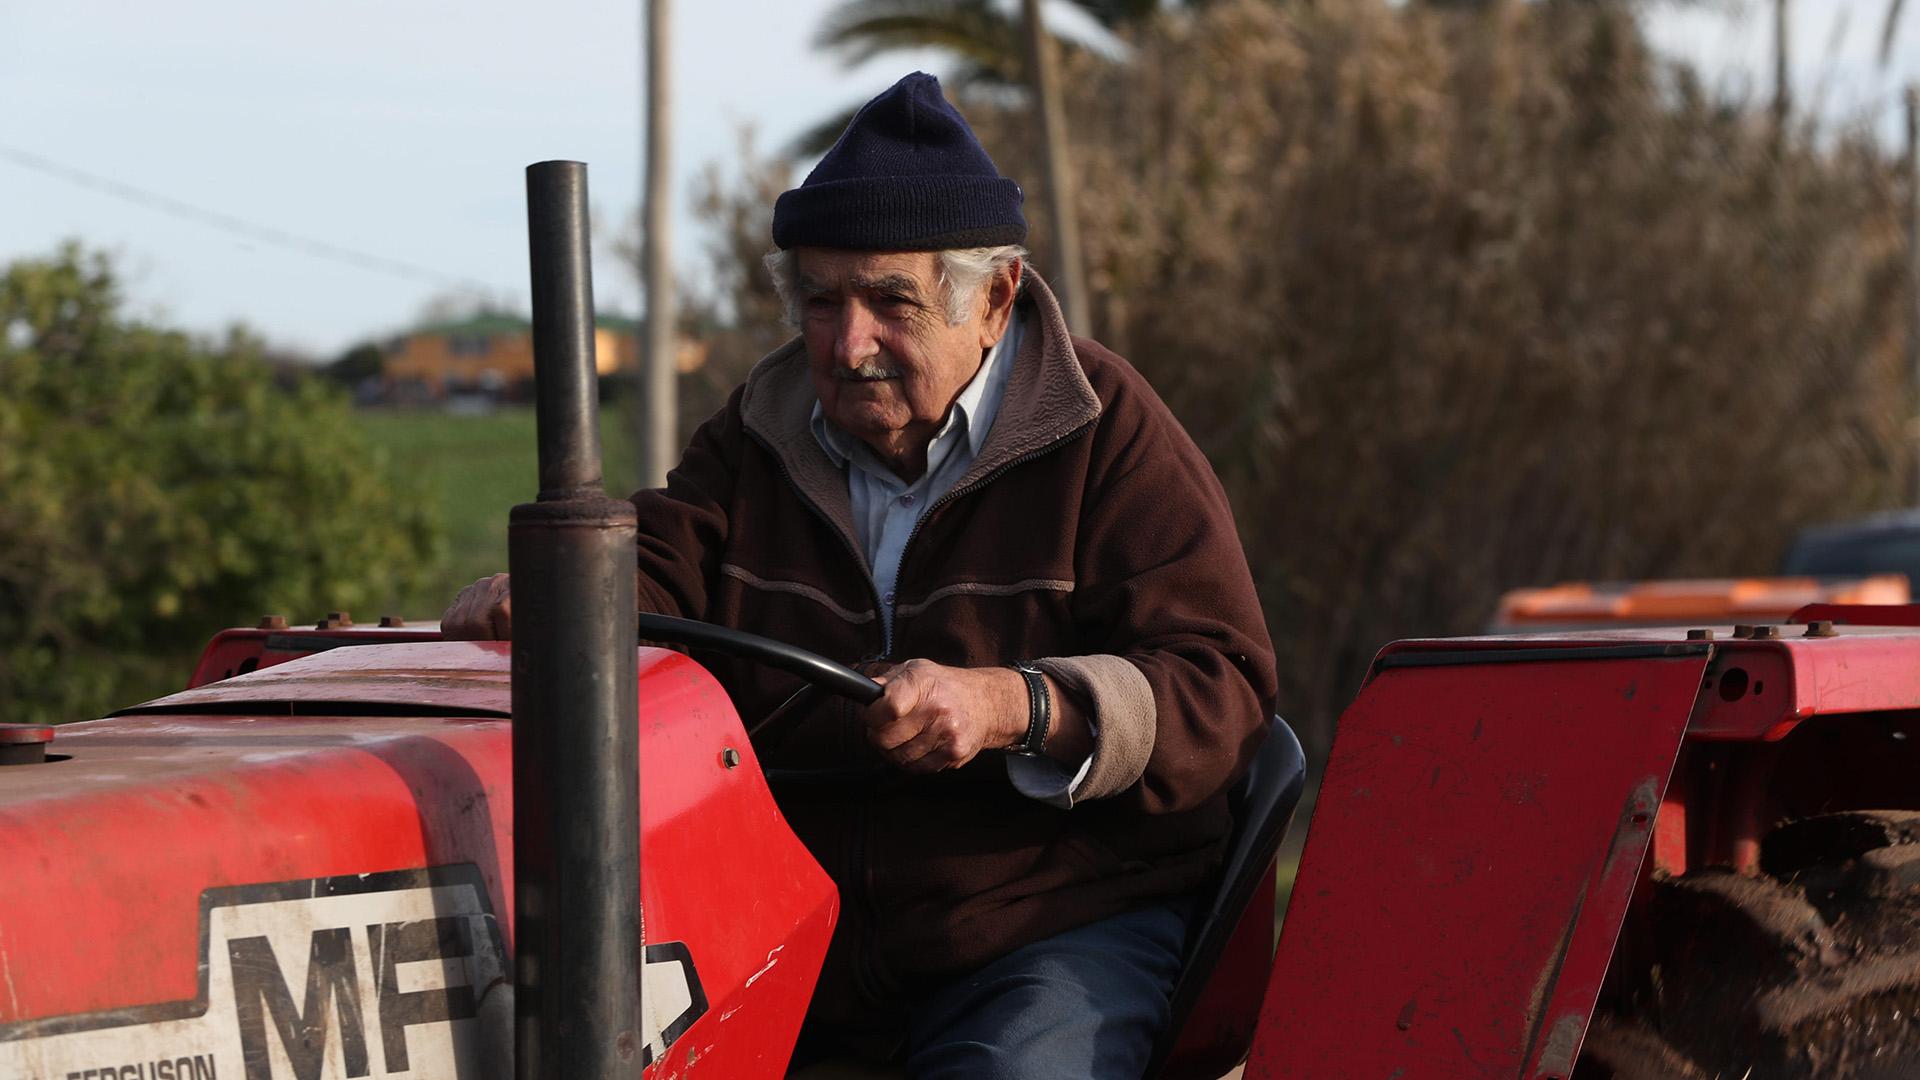 El ex mandatario continúa viviendo en su chacra, a las afueras de Montevideo (EFE)